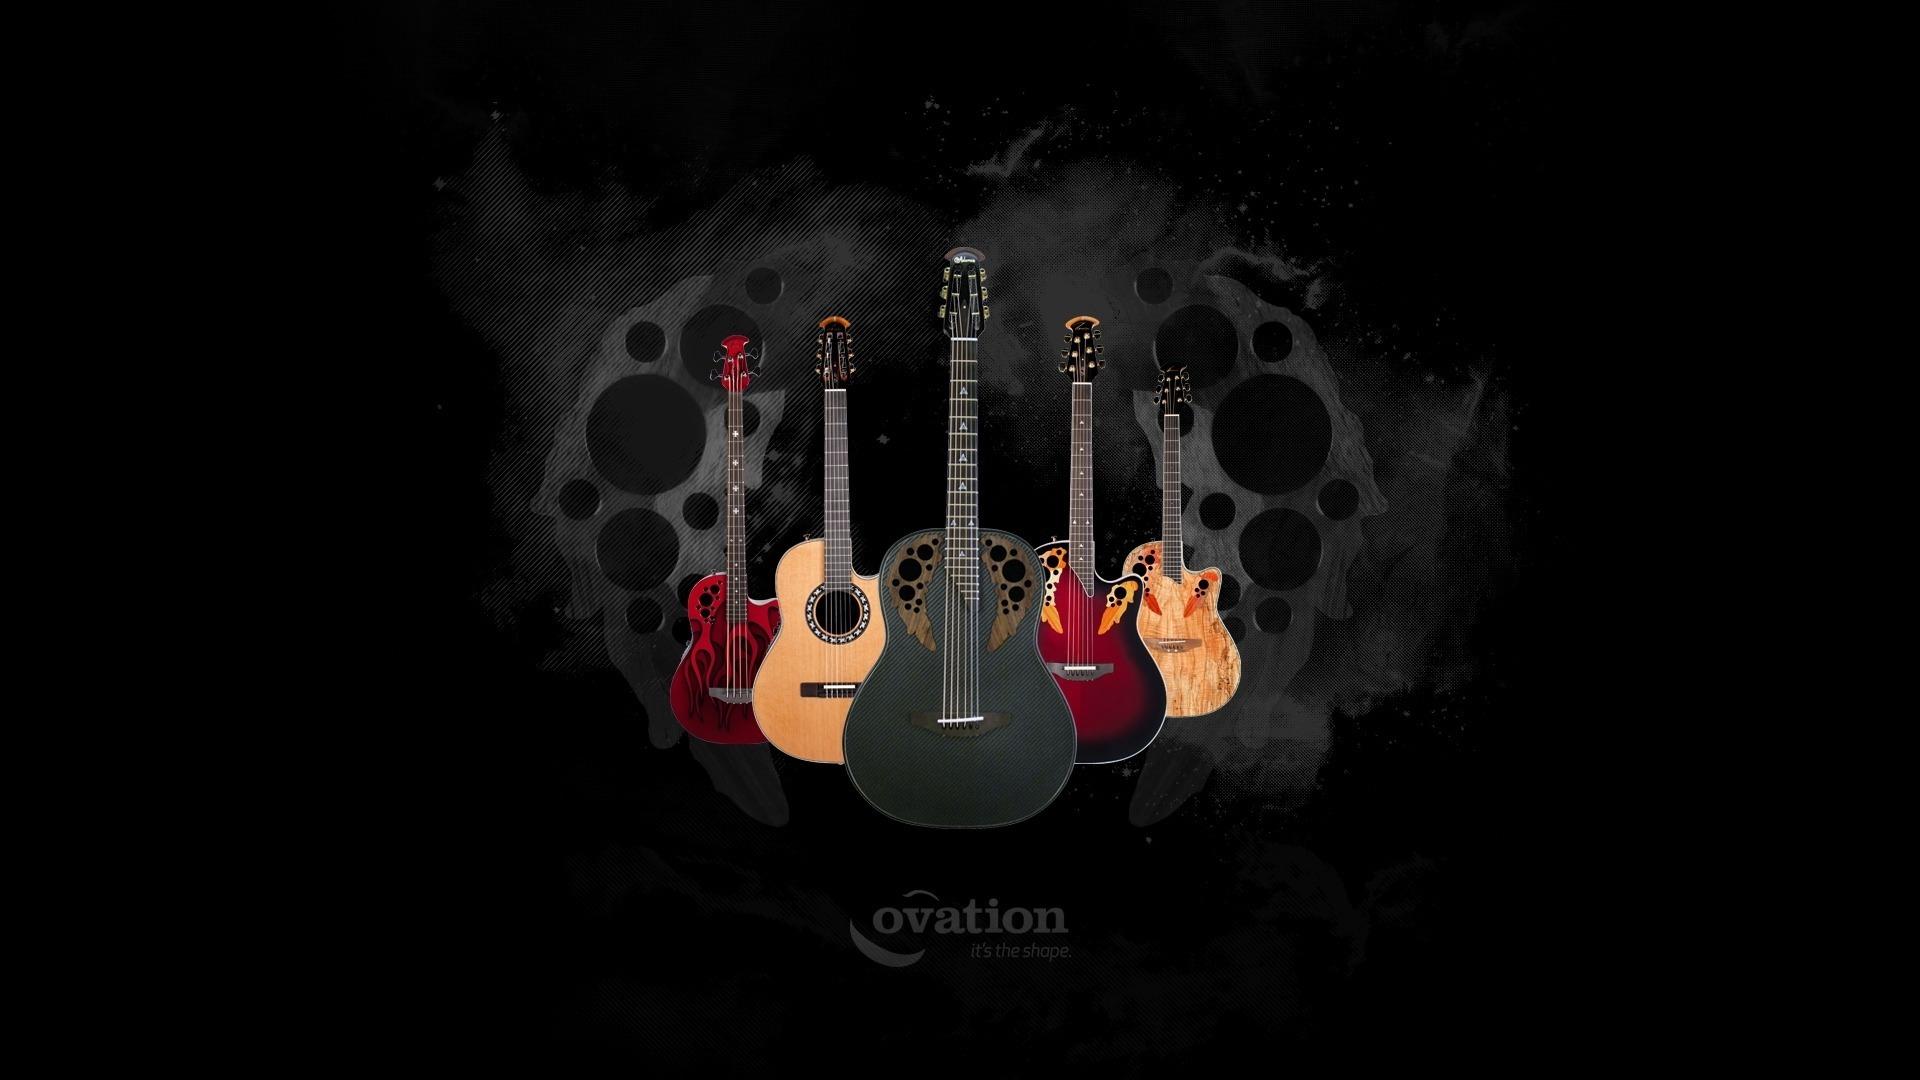 гитара музыка guitar music  № 1633788 загрузить